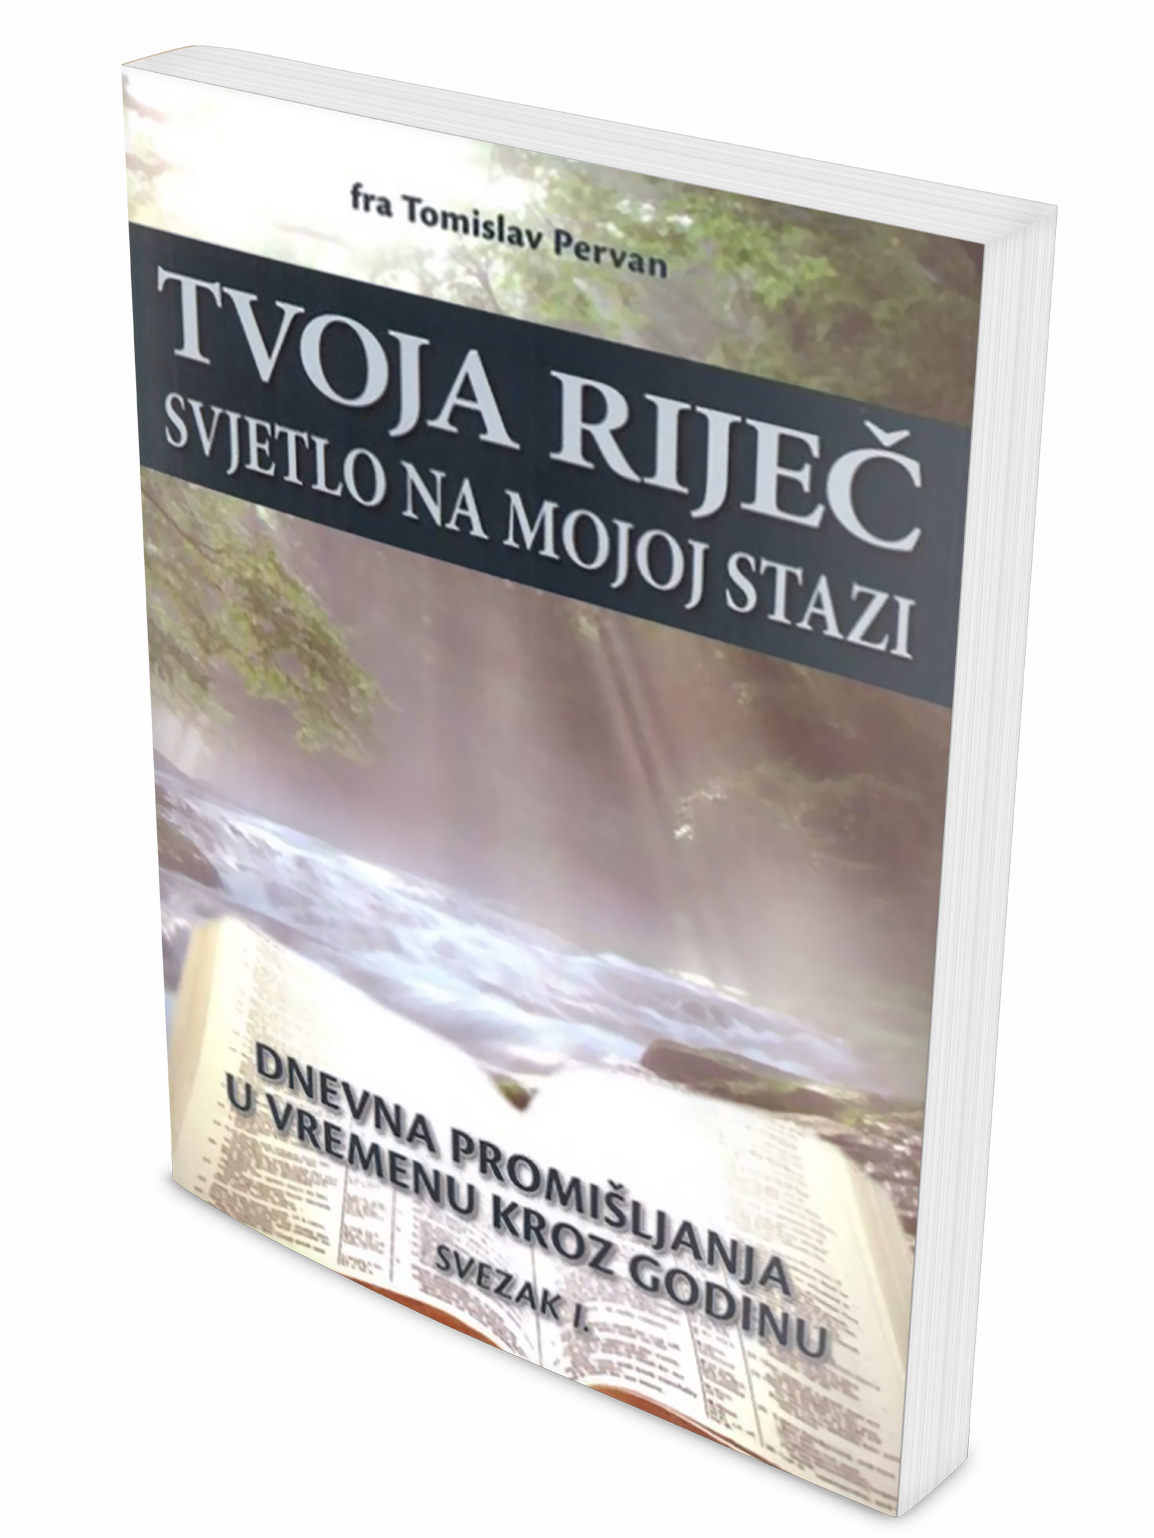 TVOJA RIJEČ SVJETLO NA MOJOJ STAZI (svezak I.) : Dnevna promišljanja u vremenu kroz godinu 1. - 17. tjedan - fra Tomislav Pervan